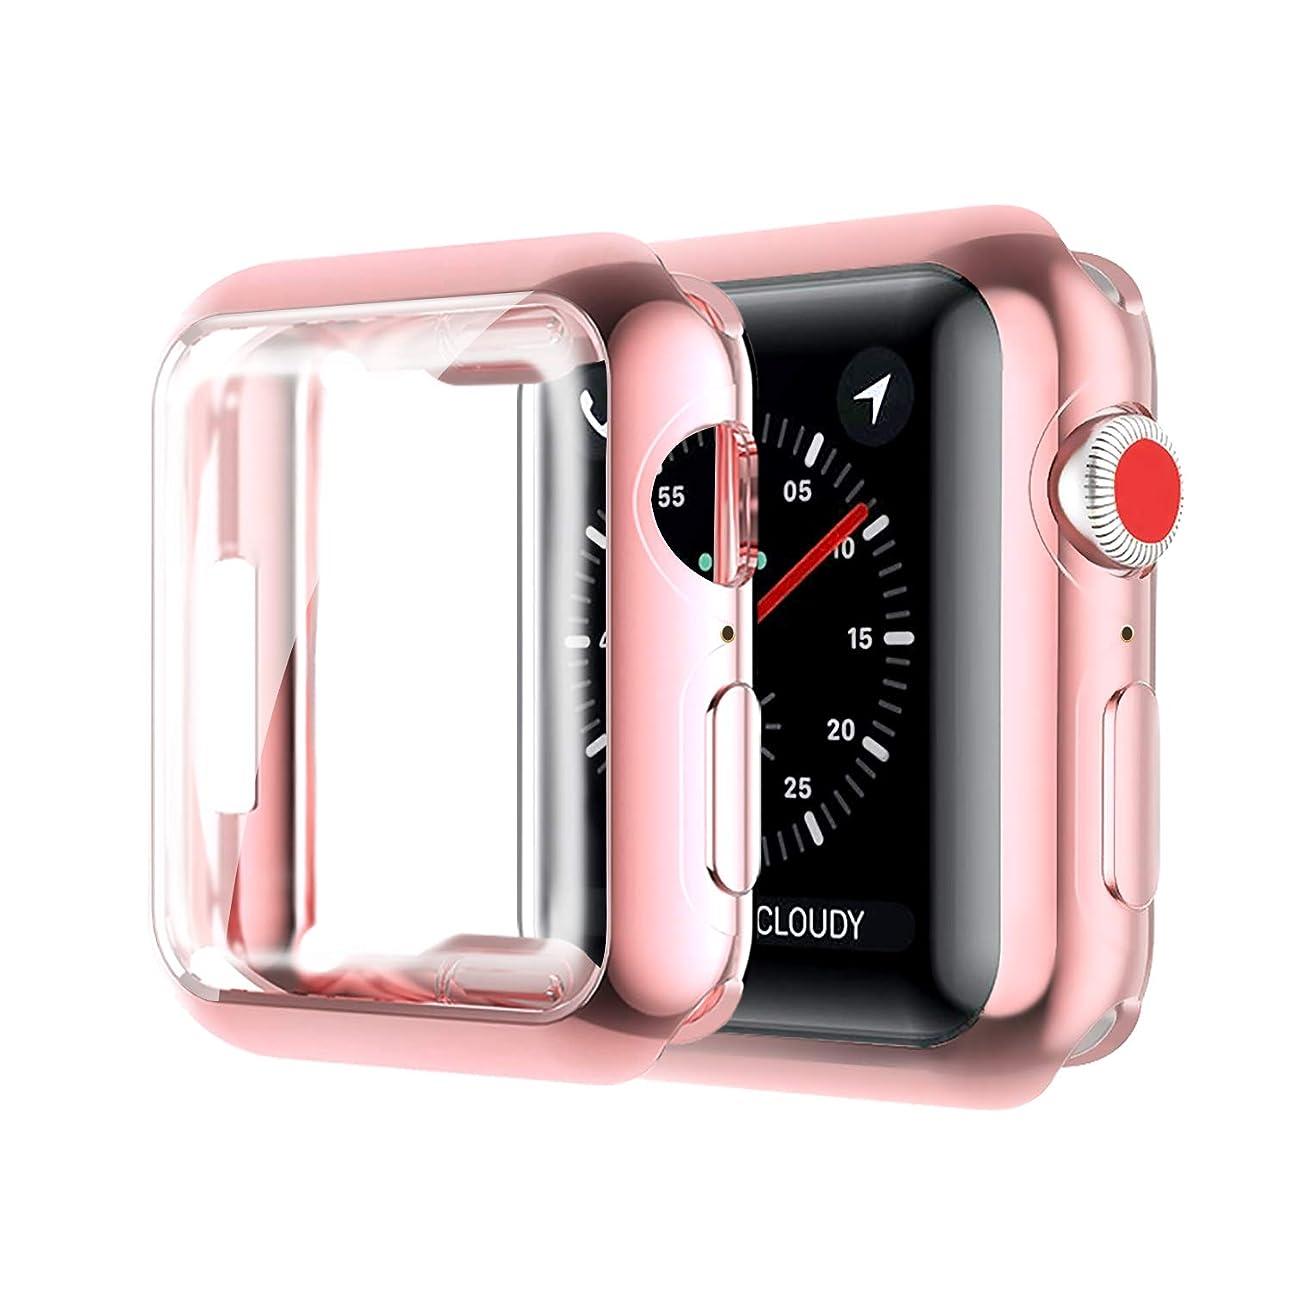 ペア忠誠論争的【2セット】 Newzerol For Apple Watch Series 4 40mm 2018 ケース 新型 全面保護 耐衝撃 柔らかい TPU素材 脱着簡単 Apple Watch 40mm Series 4 保護ケース (ピンク)